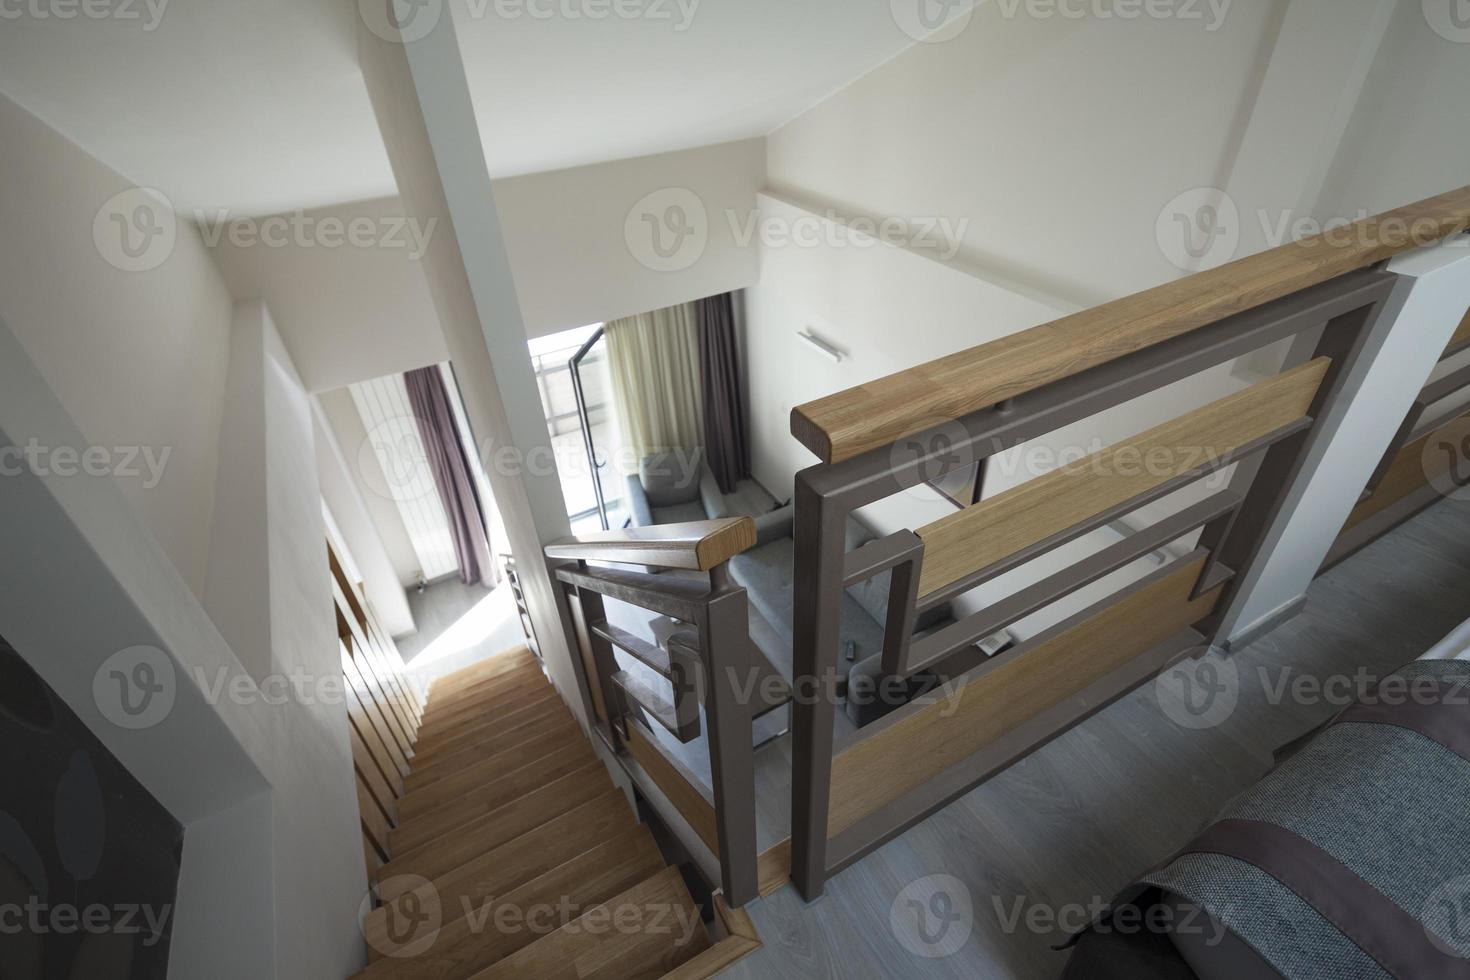 escalier à l'intérieur de l'appartement duplex photo